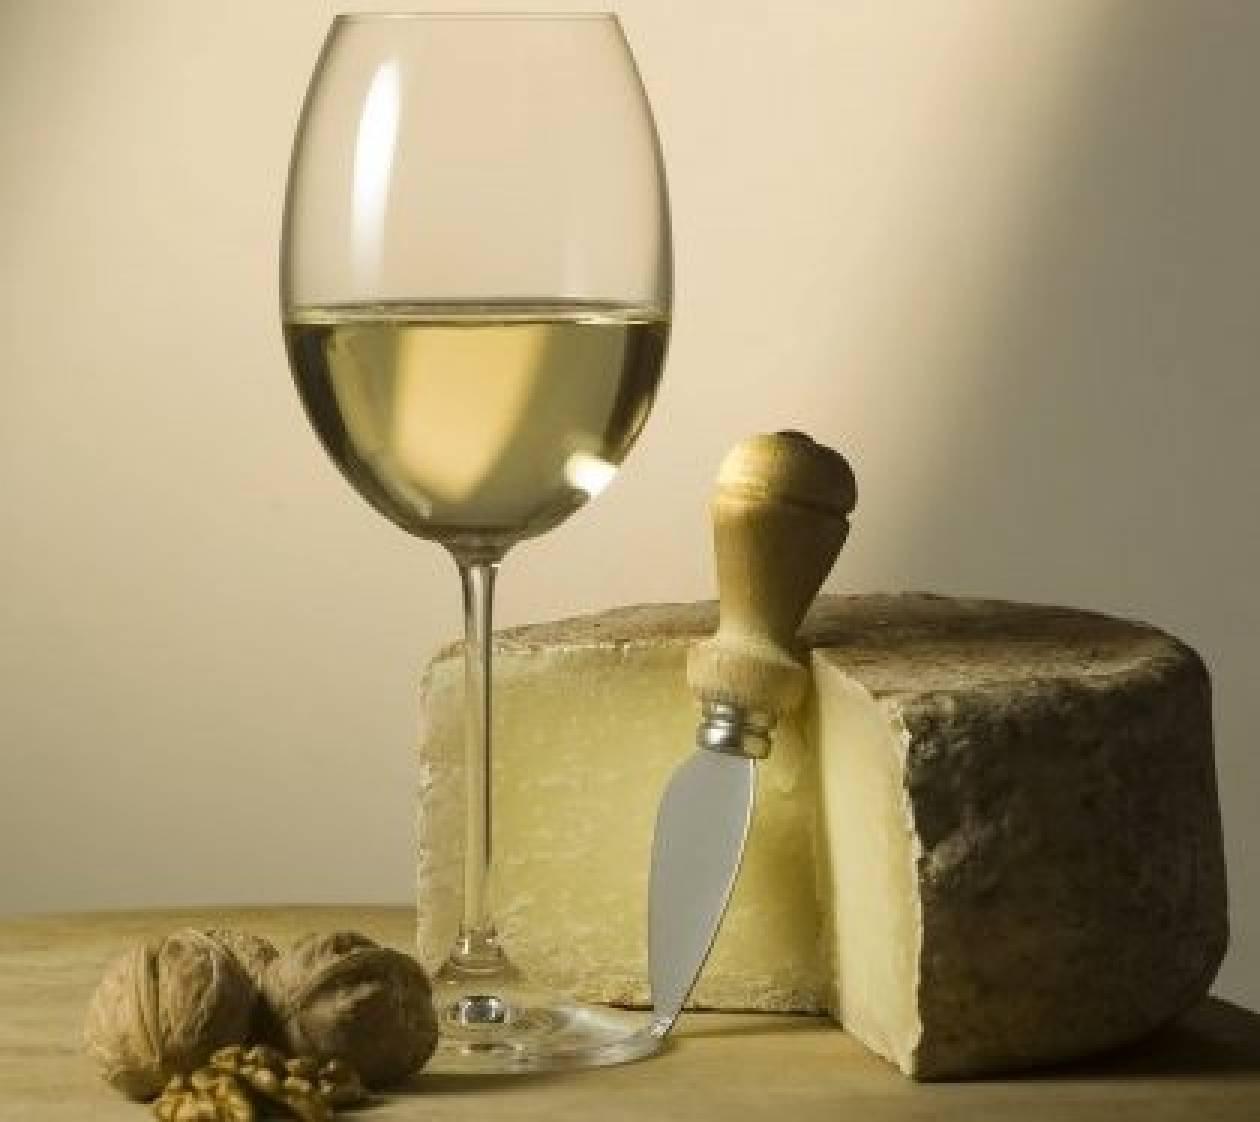 Αστικός μύθος: Τα λευκά κρασιά δεν ταιριάζουν με τα τυριά